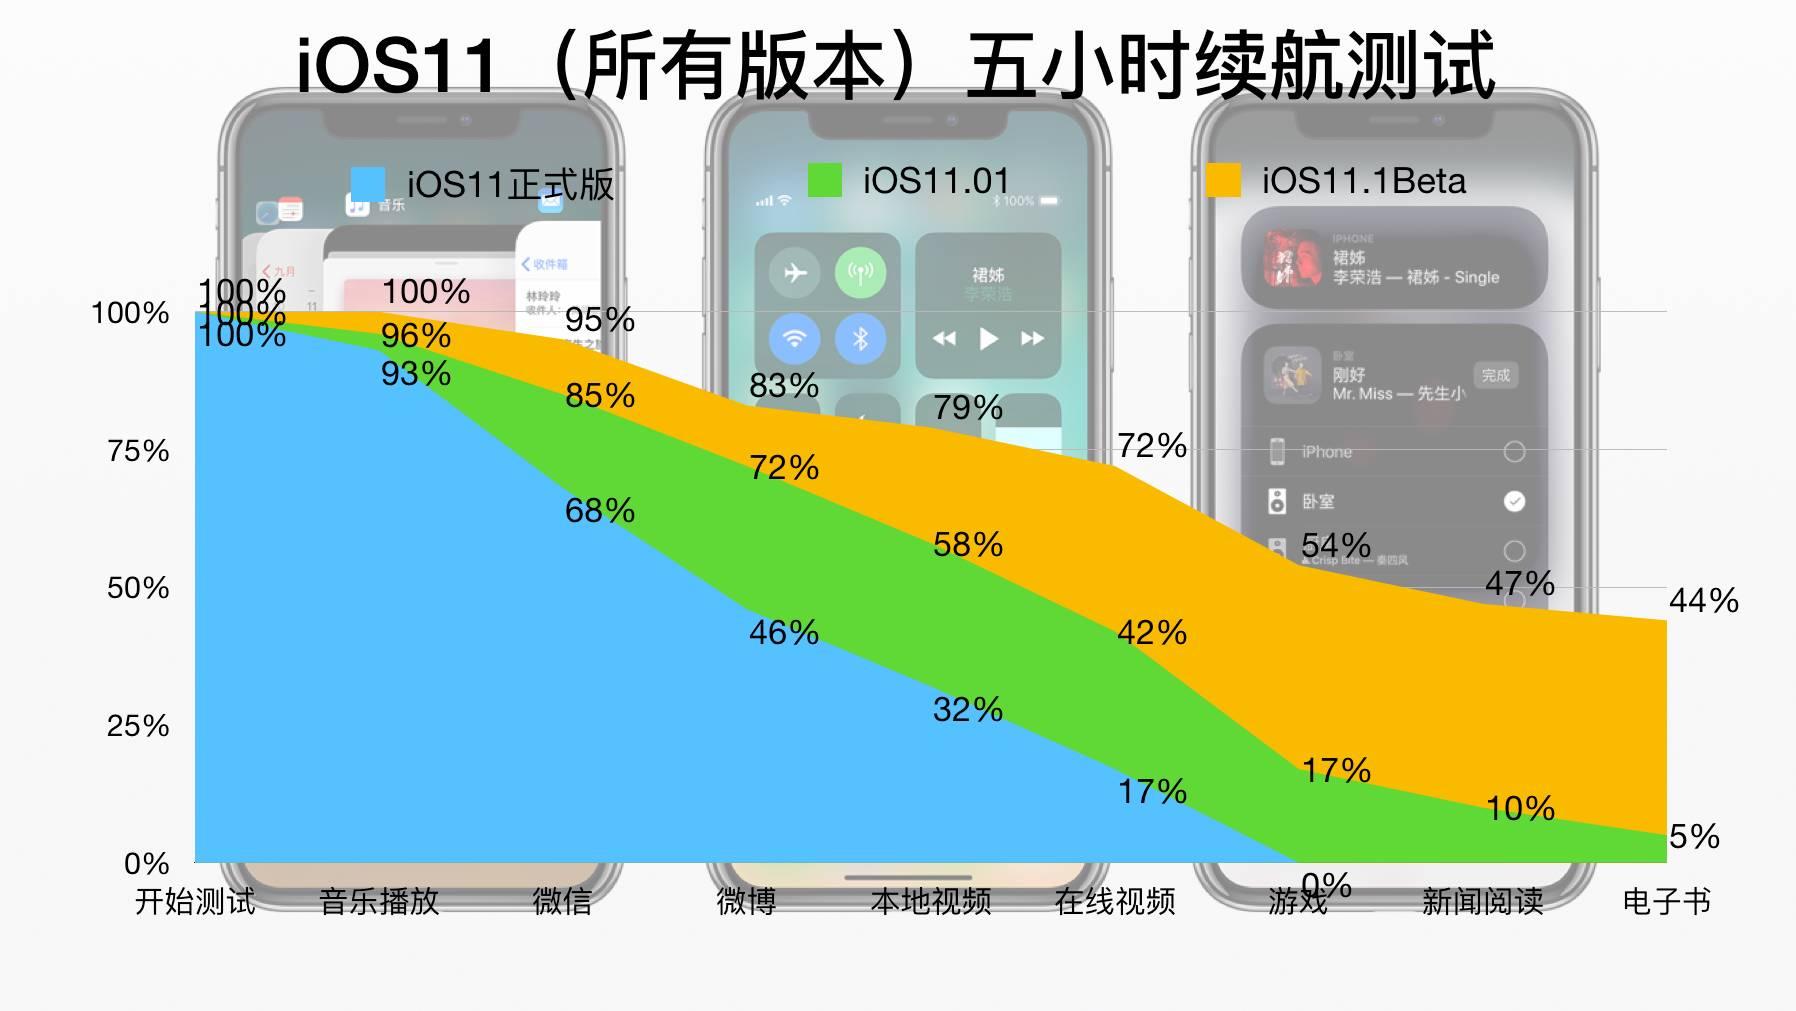 iOS11.1Beta2续航测试: iPhone8用户放心升级